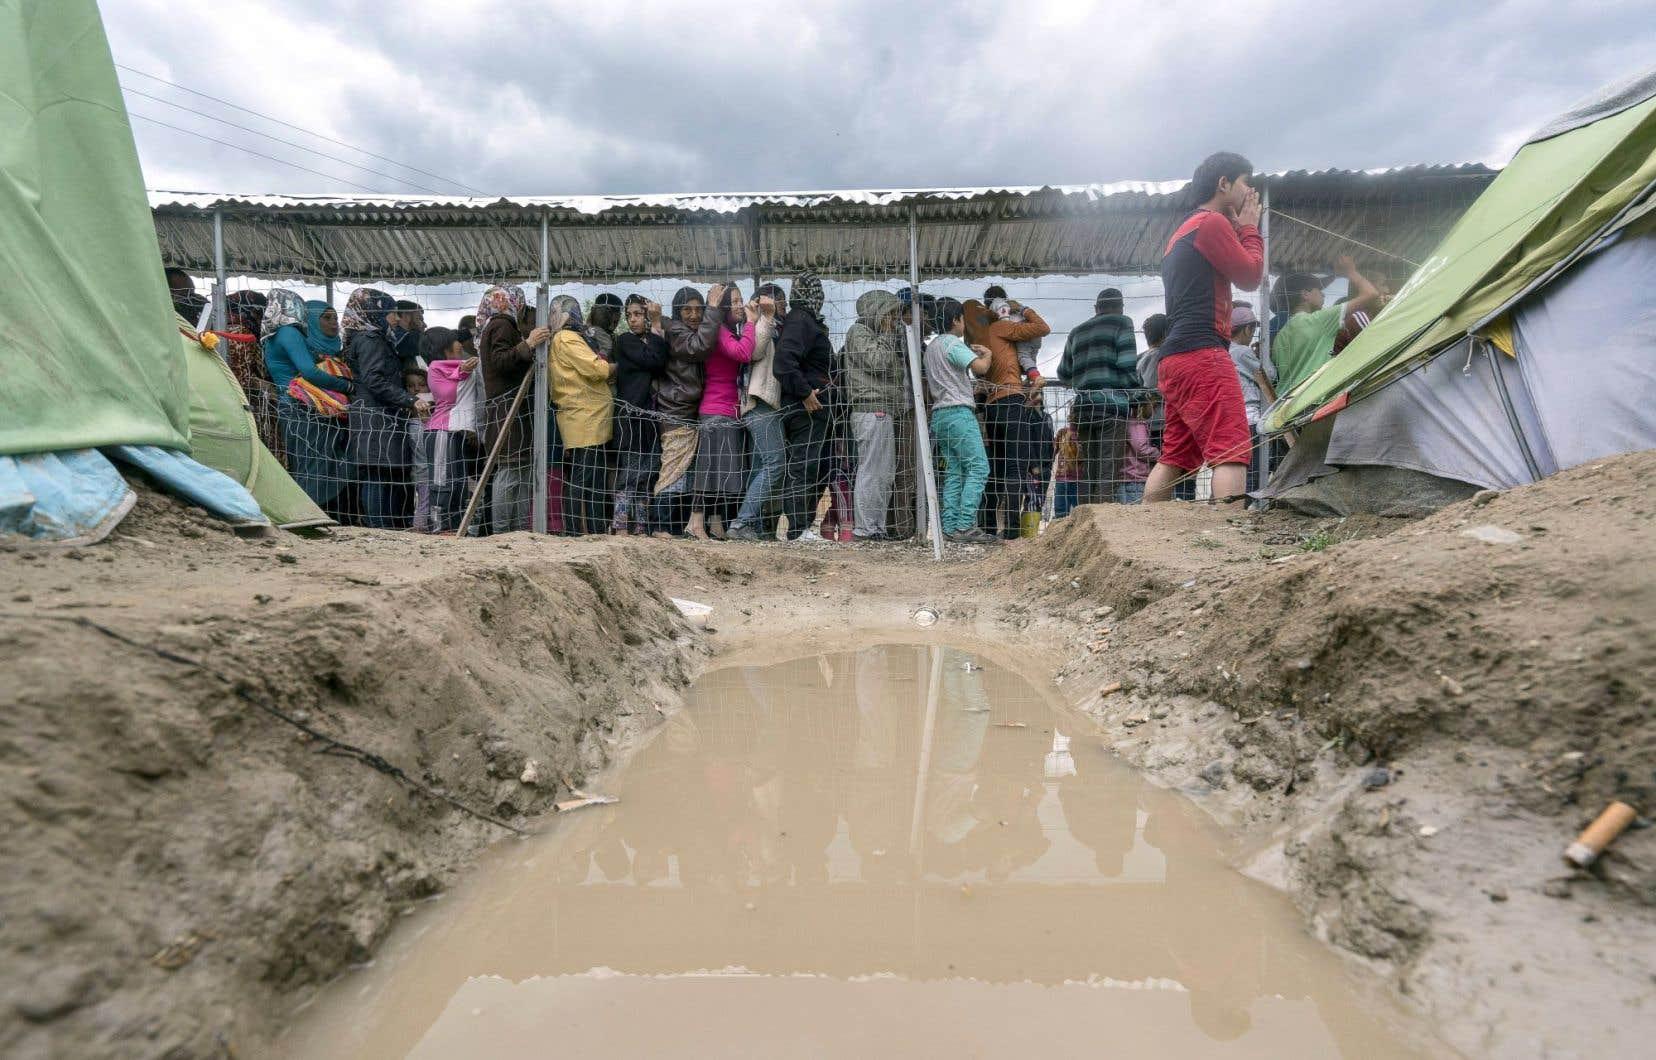 Des migrants font la queue ces jours-ci pour recevoir de la nourriture dans un camp improvisé à la frontière gréco-macédonienne.